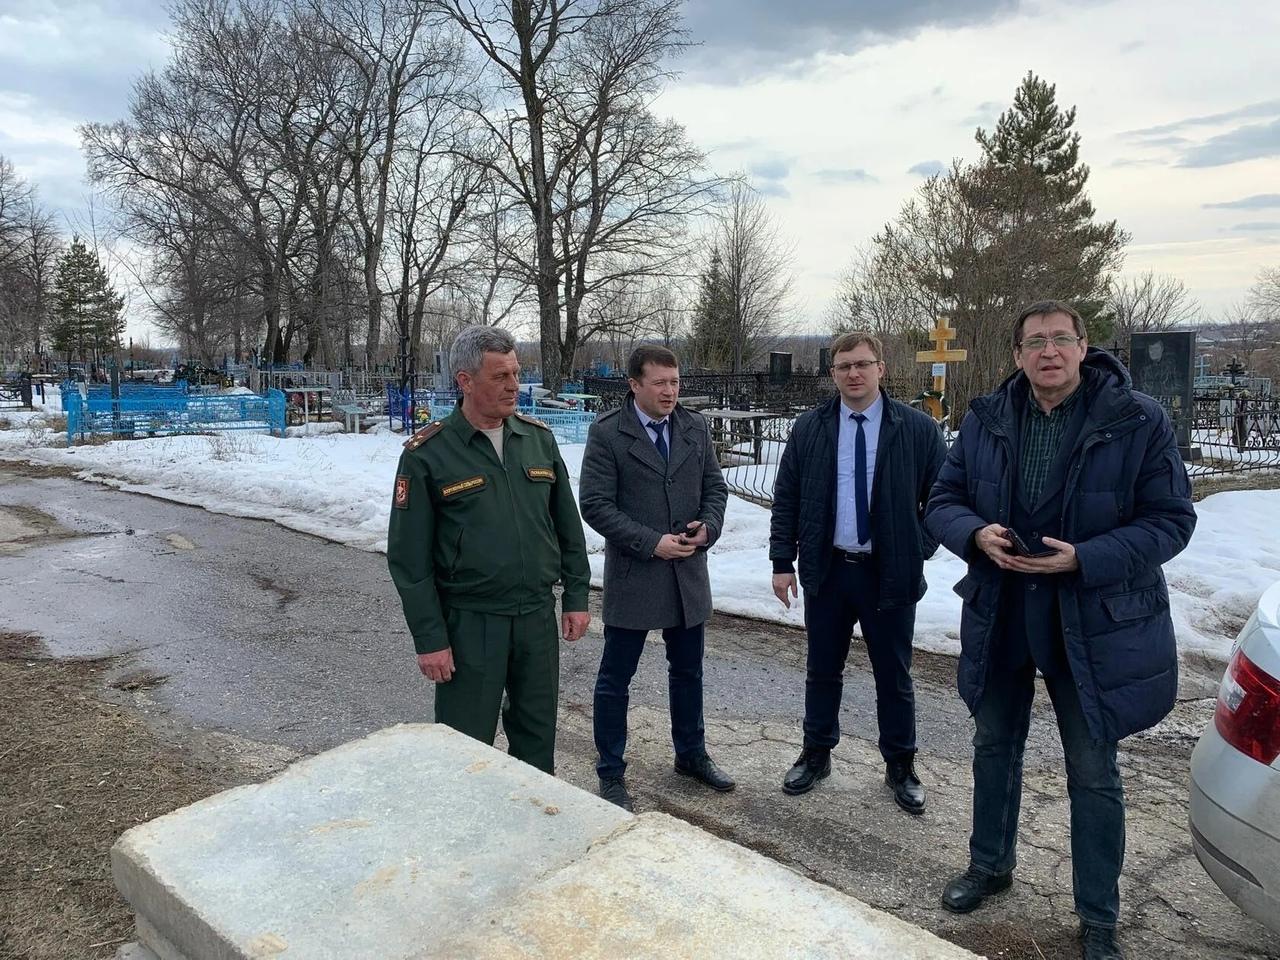 В Петровске реставрируют мемориал памяти - братскую могилу воинов, умерших от ран в госпиталях города в период Великой Отечественной войны